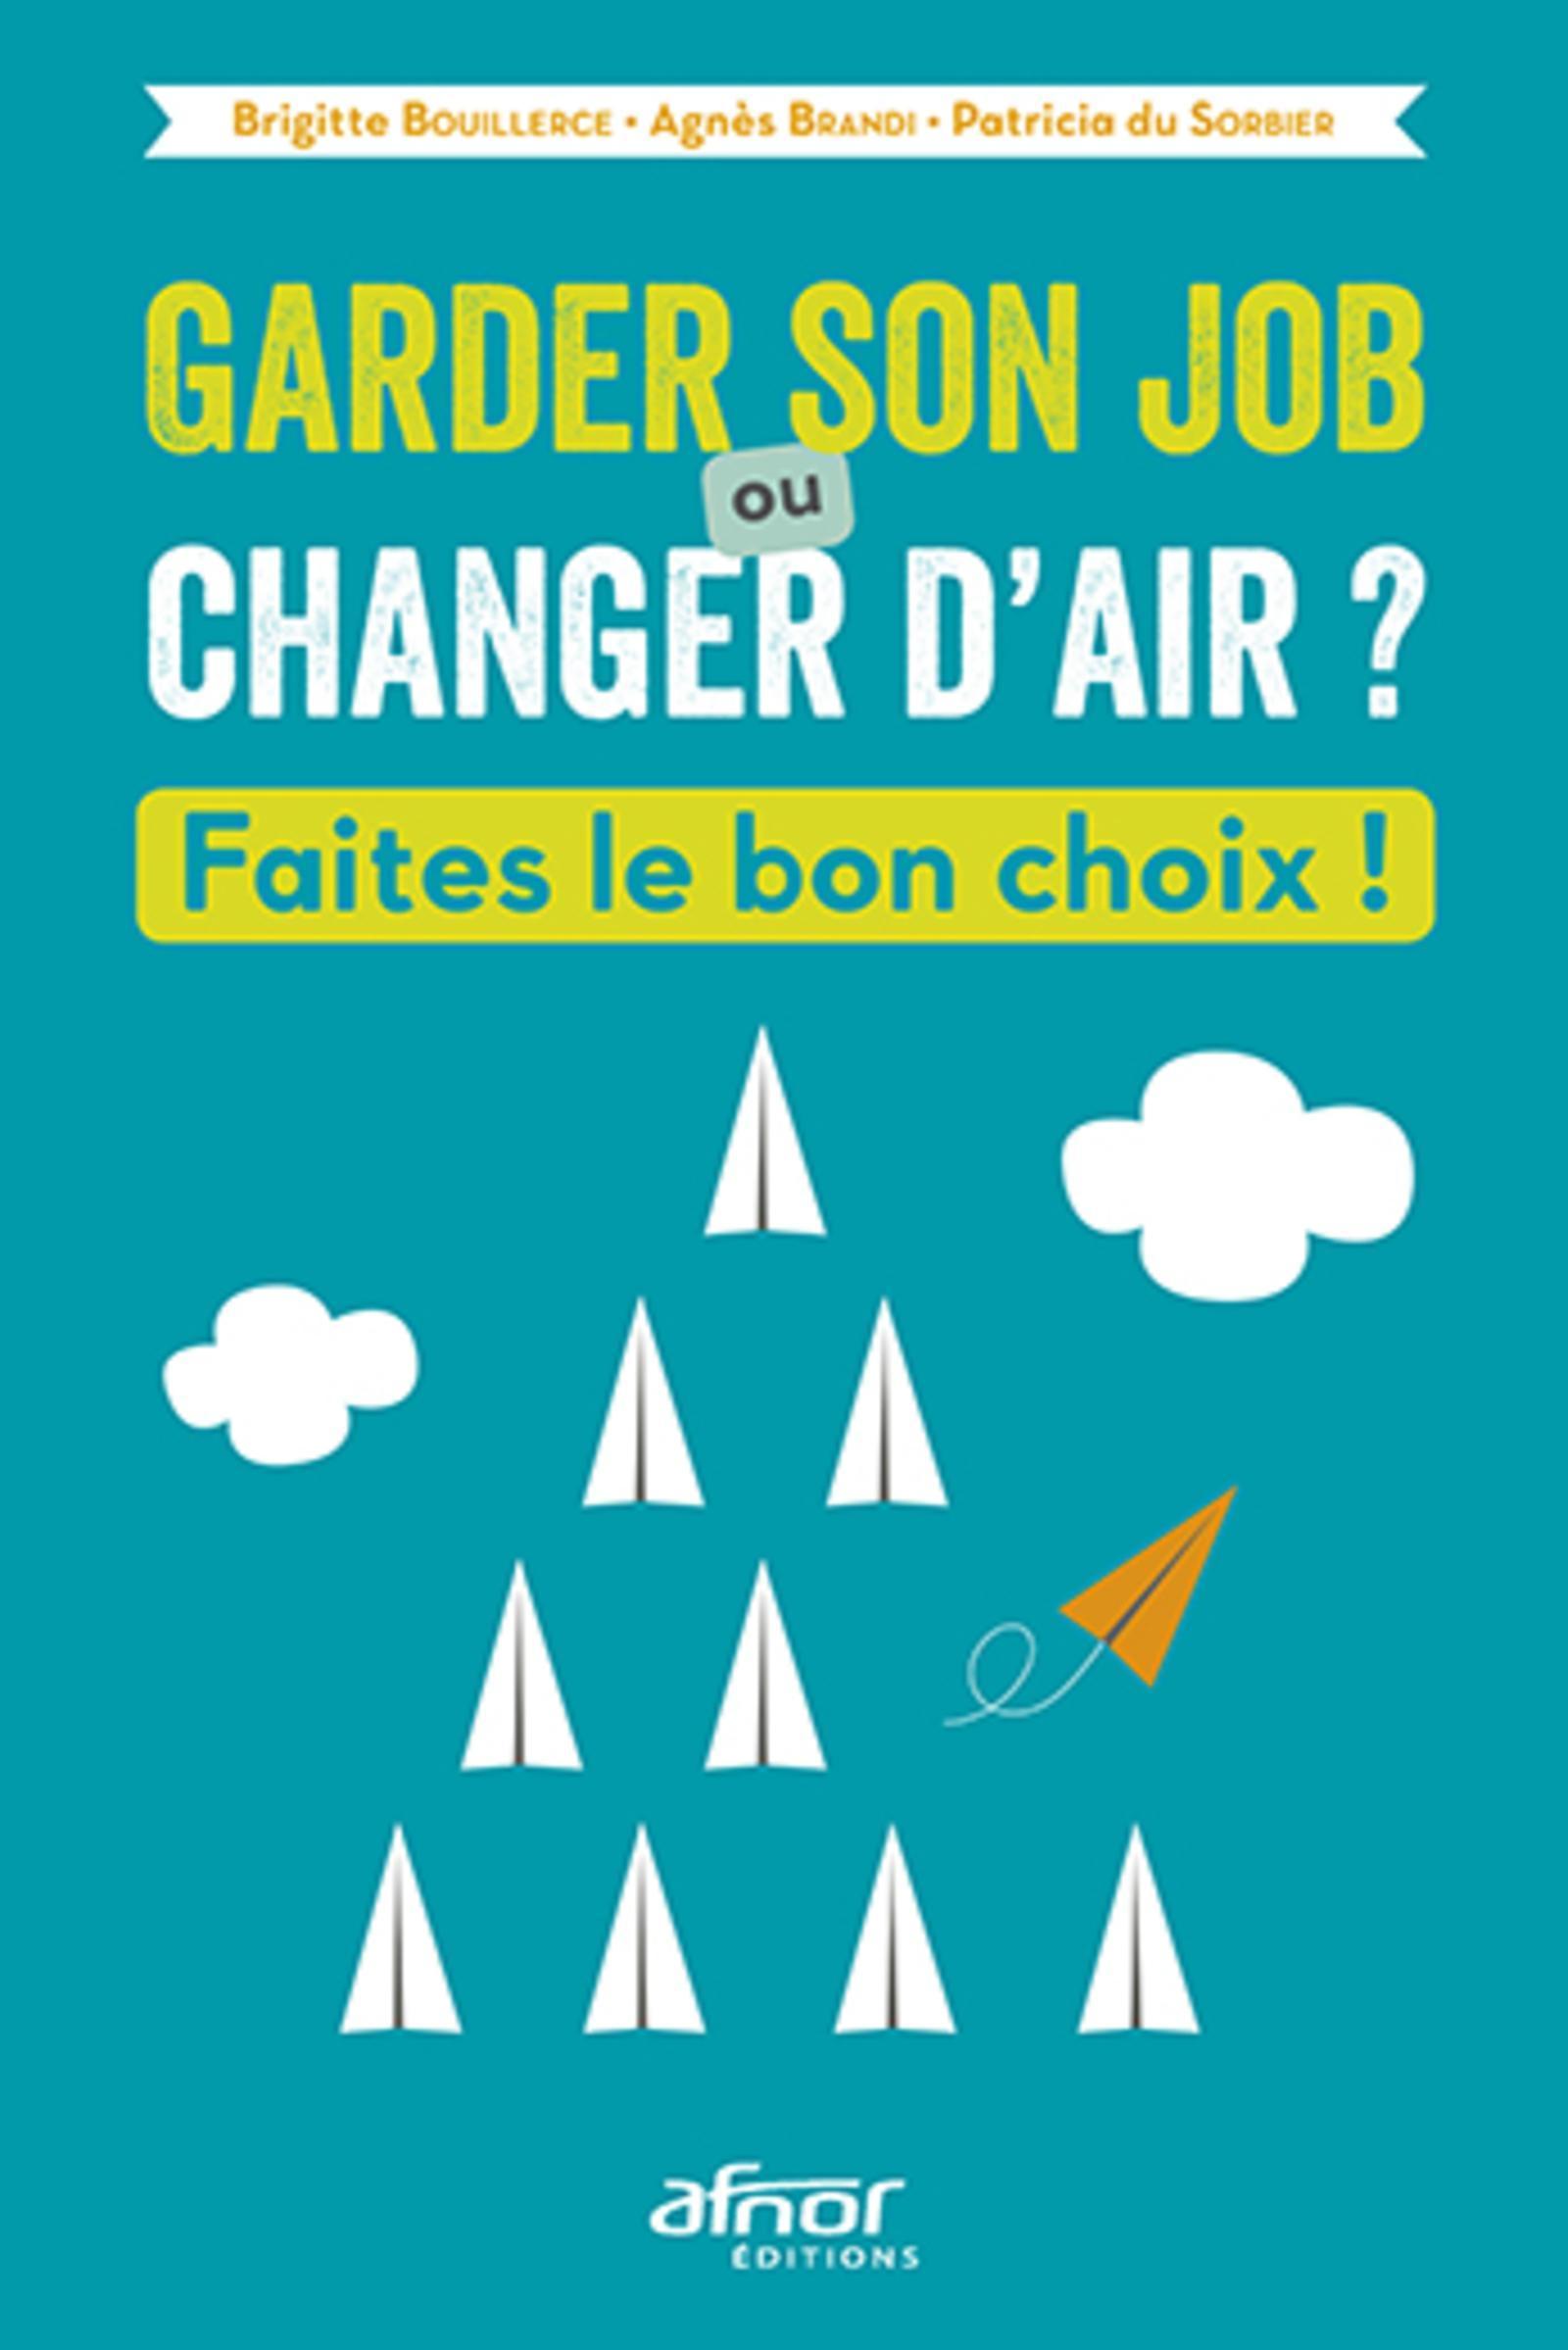 GARDER SON JOB OU CHANGER D AIR - FAITES LE BON CHOIX